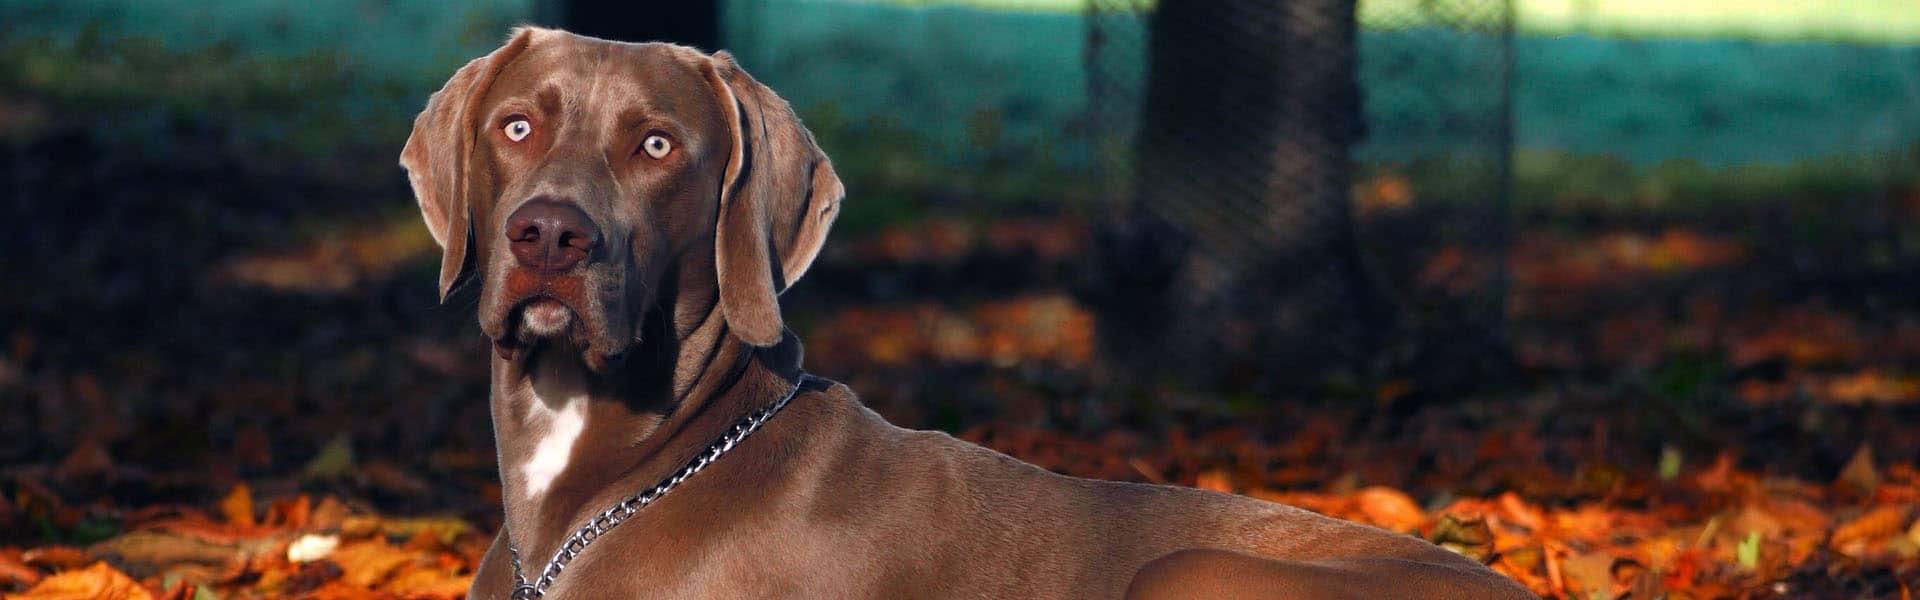 Ράτσες σκύλων - Άρθρα